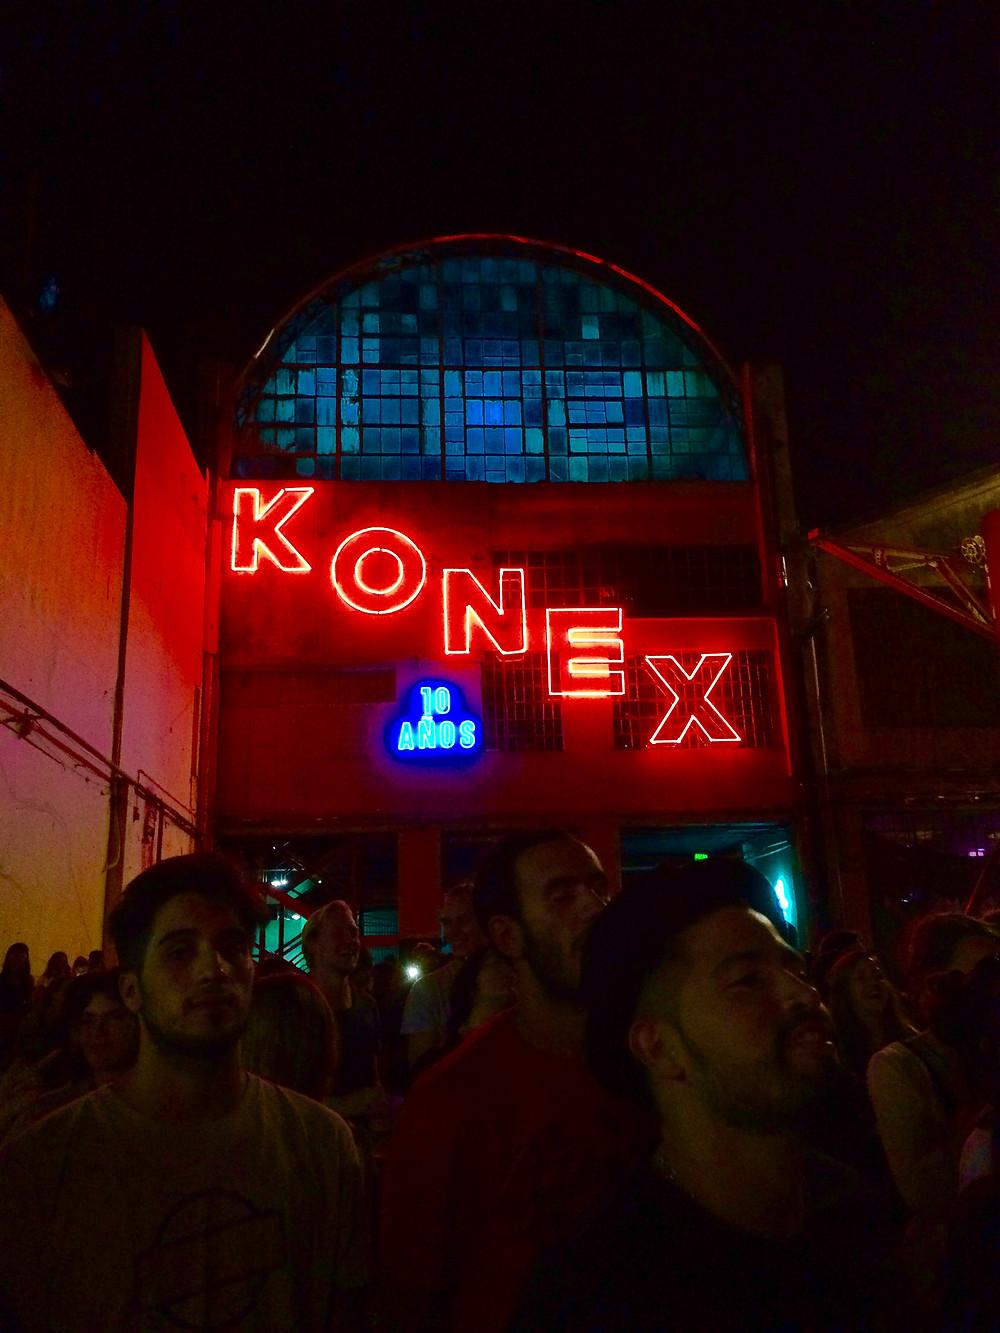 Ciudad Cultural Kotex, Buenos Aires